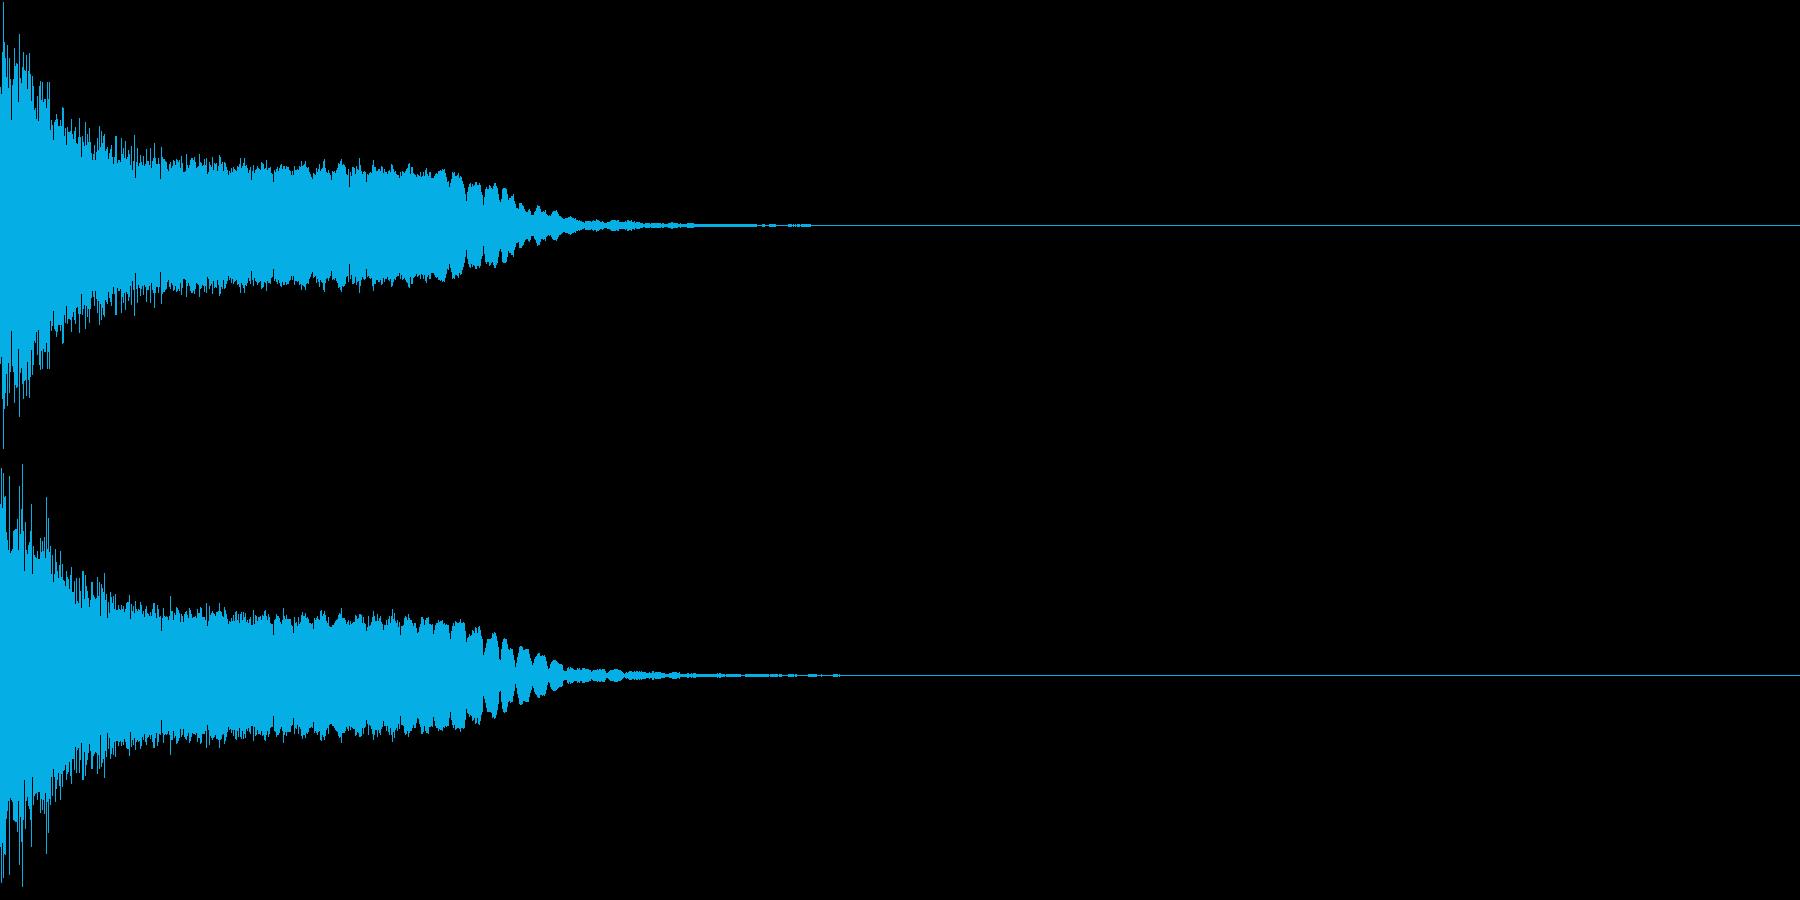 刀 剣 カキーン シャキーン 目立つ07の再生済みの波形